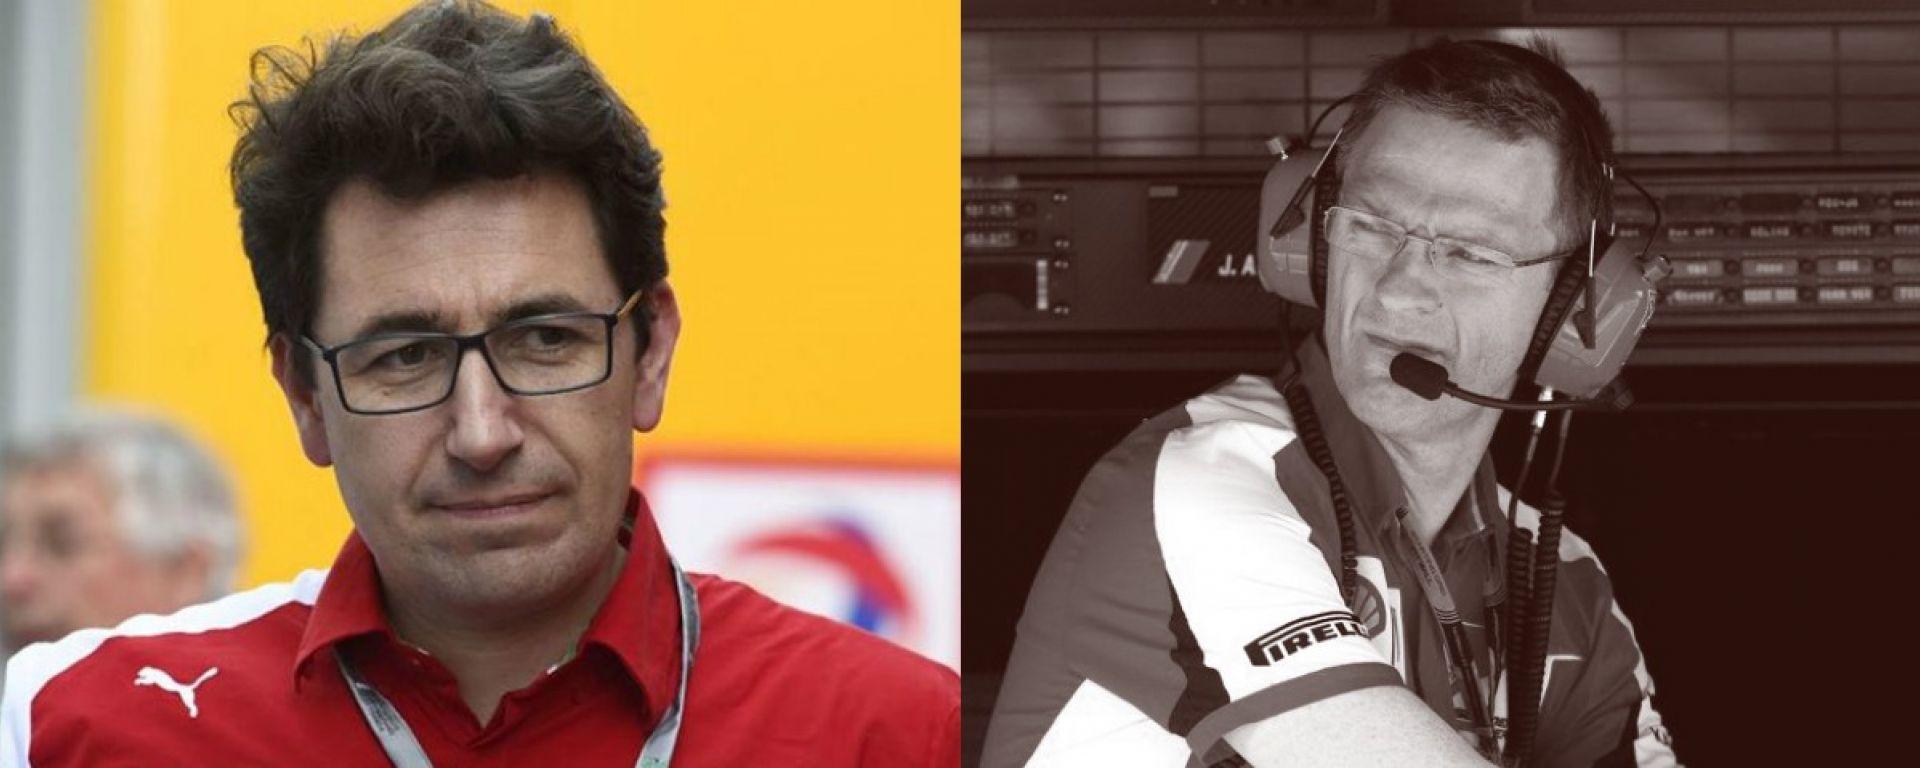 F1: James Allison lascia, Mattia Binotto è il nuovo direttore tecnico della Ferrari